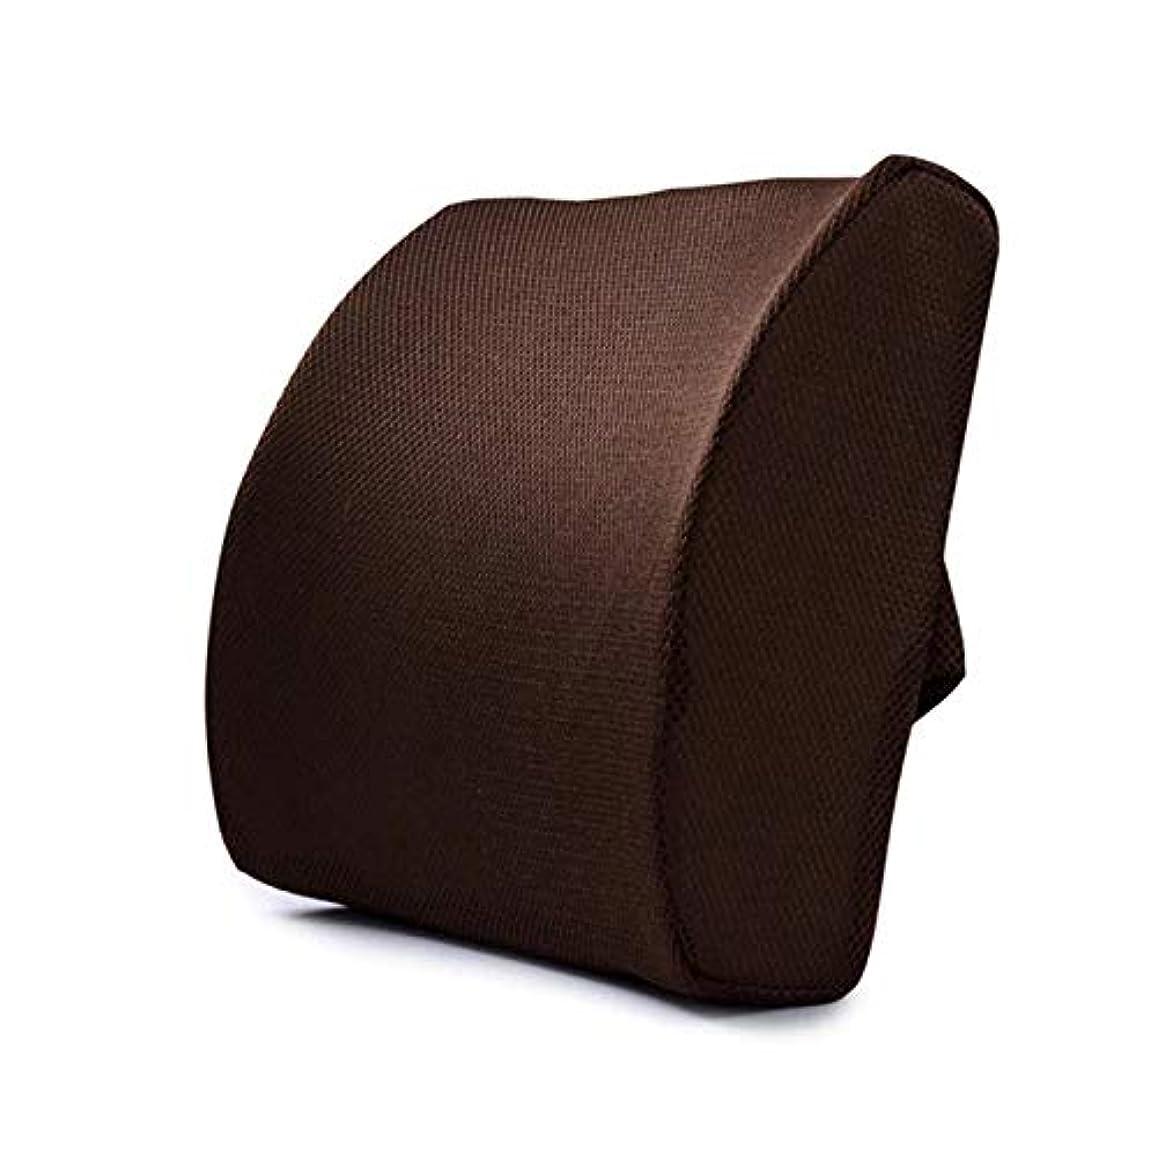 ウイルスウイルス幸運LIFE ホームオフィス背もたれ椅子腰椎クッションカーシートネック枕 3D 低反発サポートバックマッサージウエストレスリビング枕 クッション 椅子